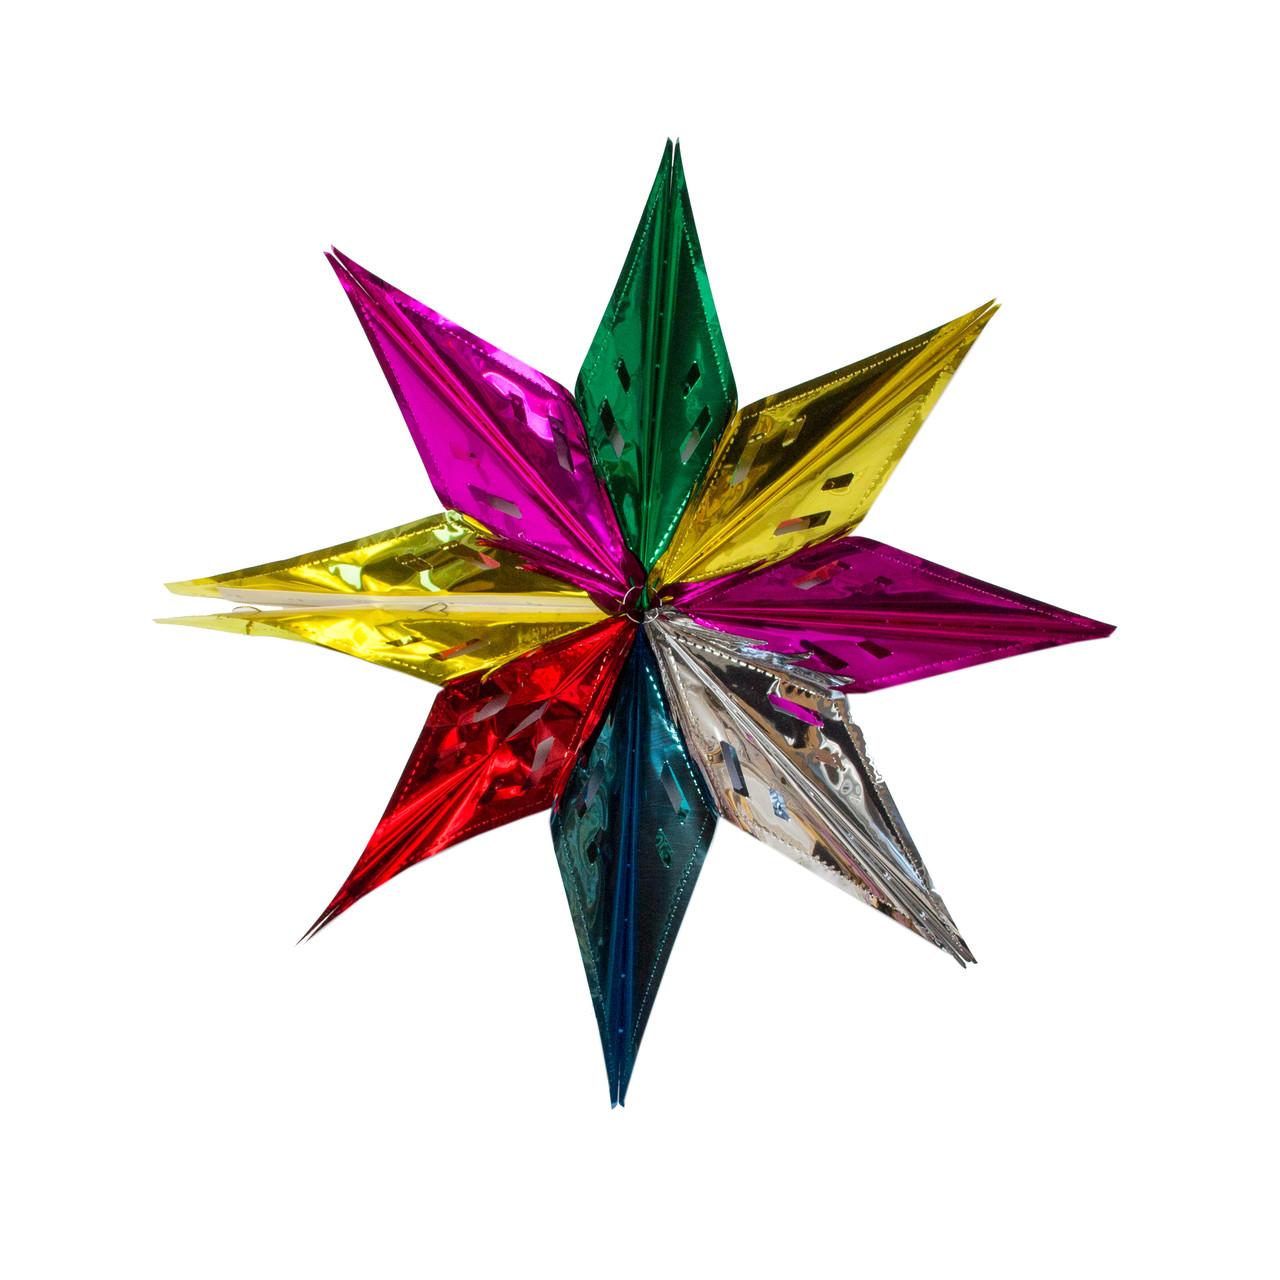 Новогоднее украшение - декорация звезда, 57см, разноцветный, пвх (610228)